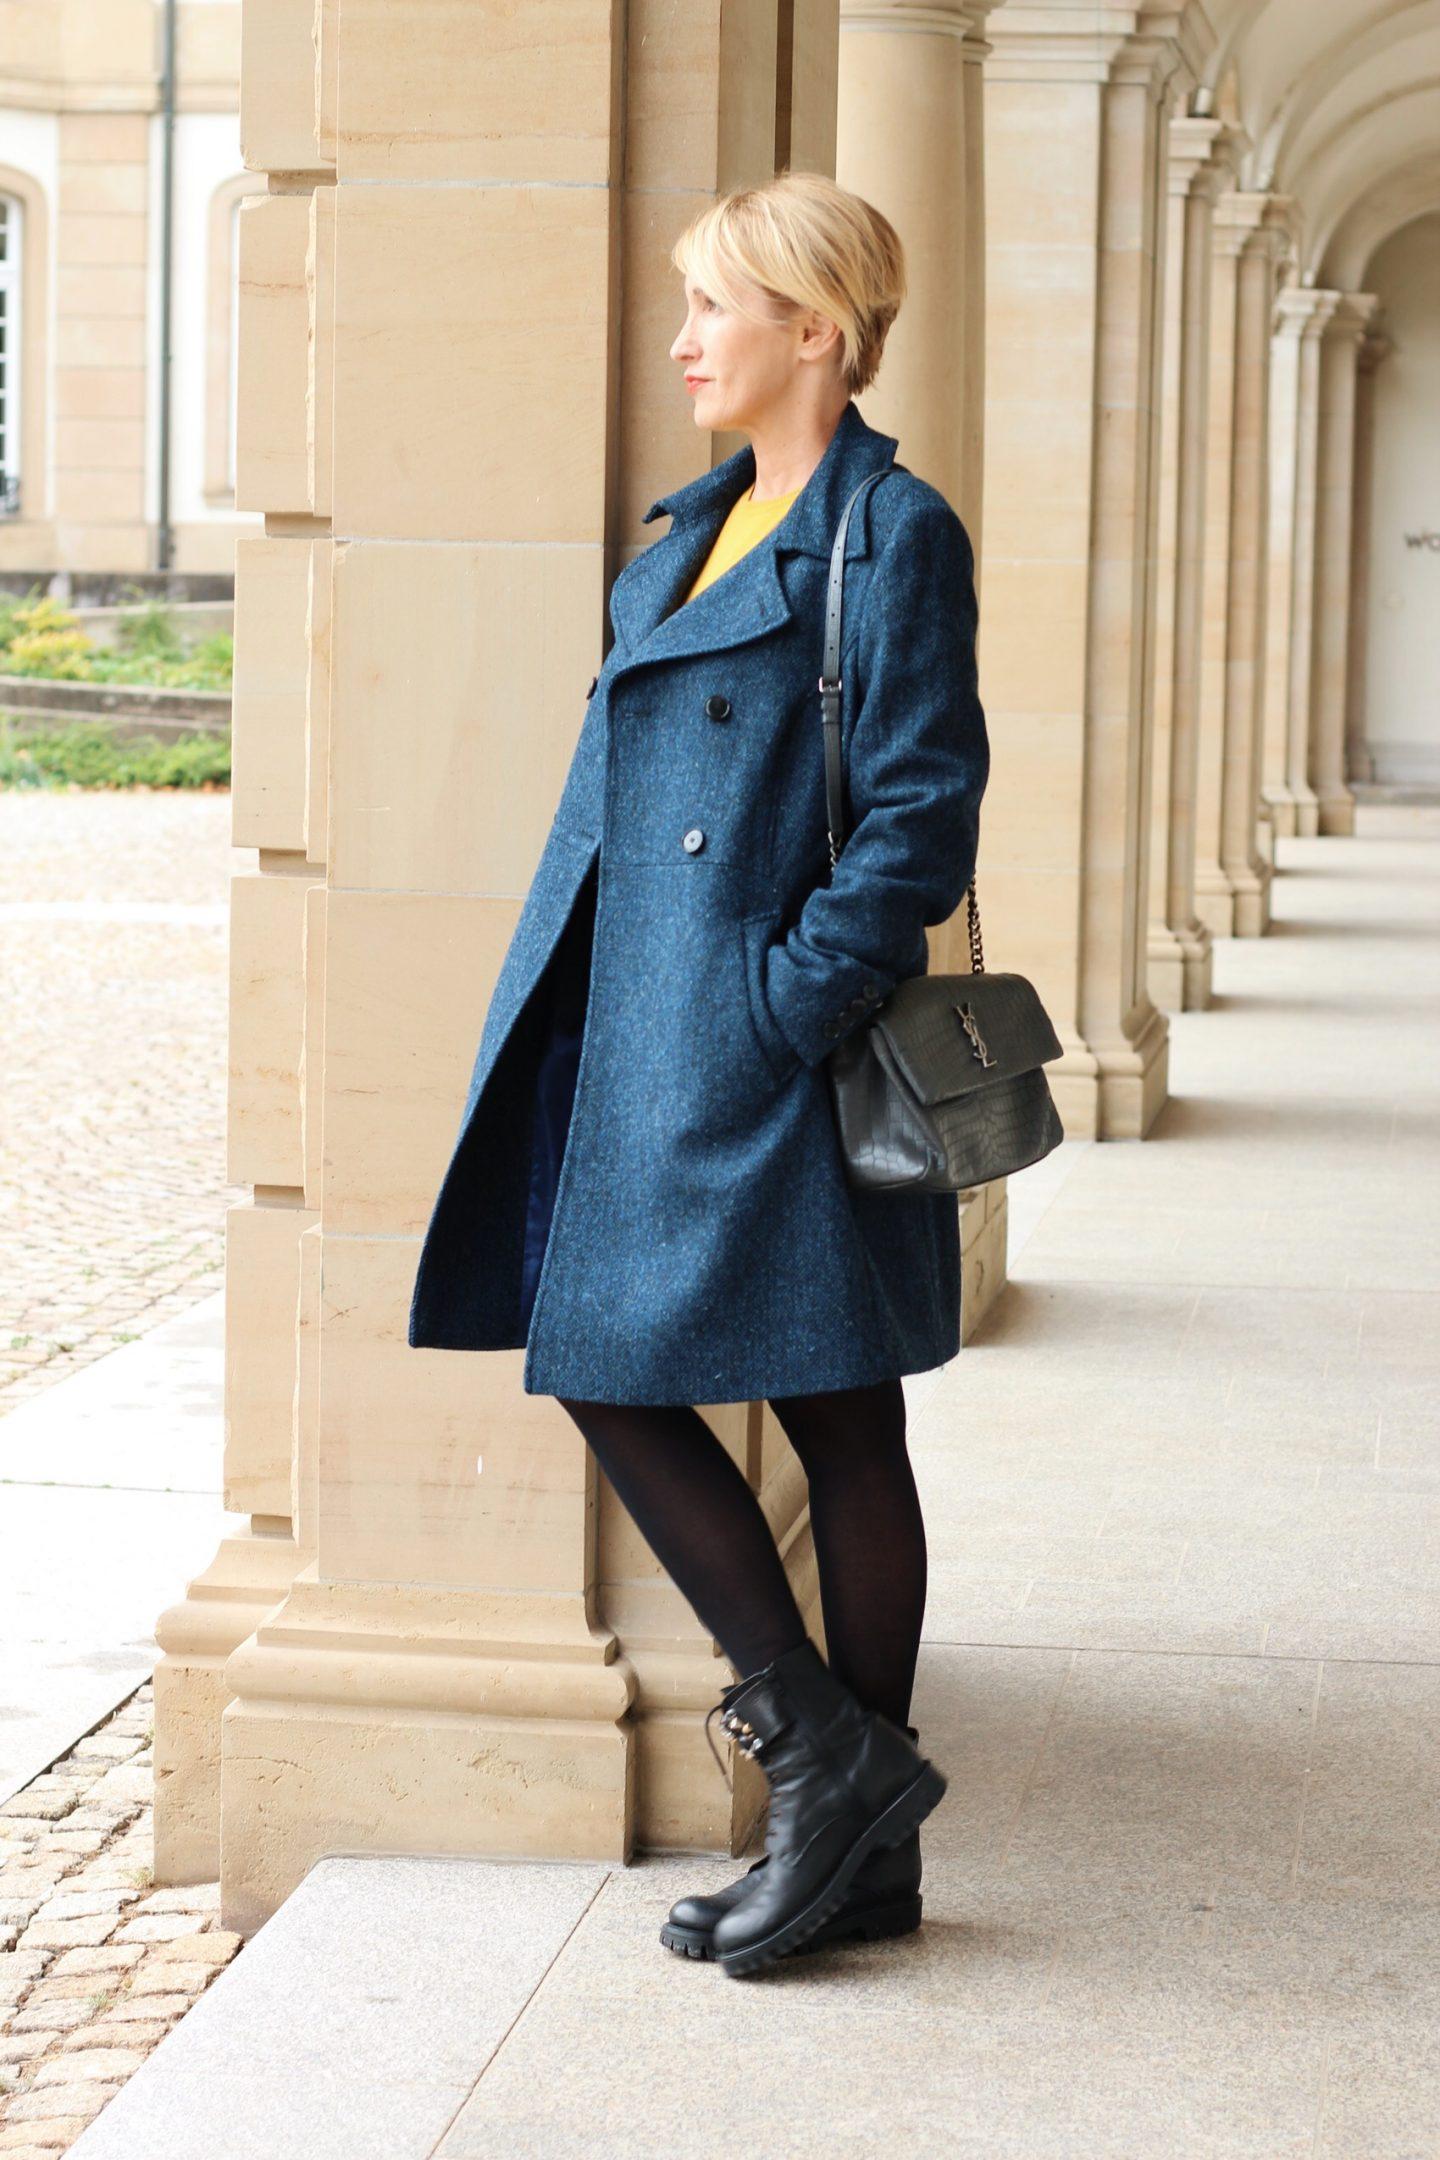 Tweed – klassischer englischer Stil